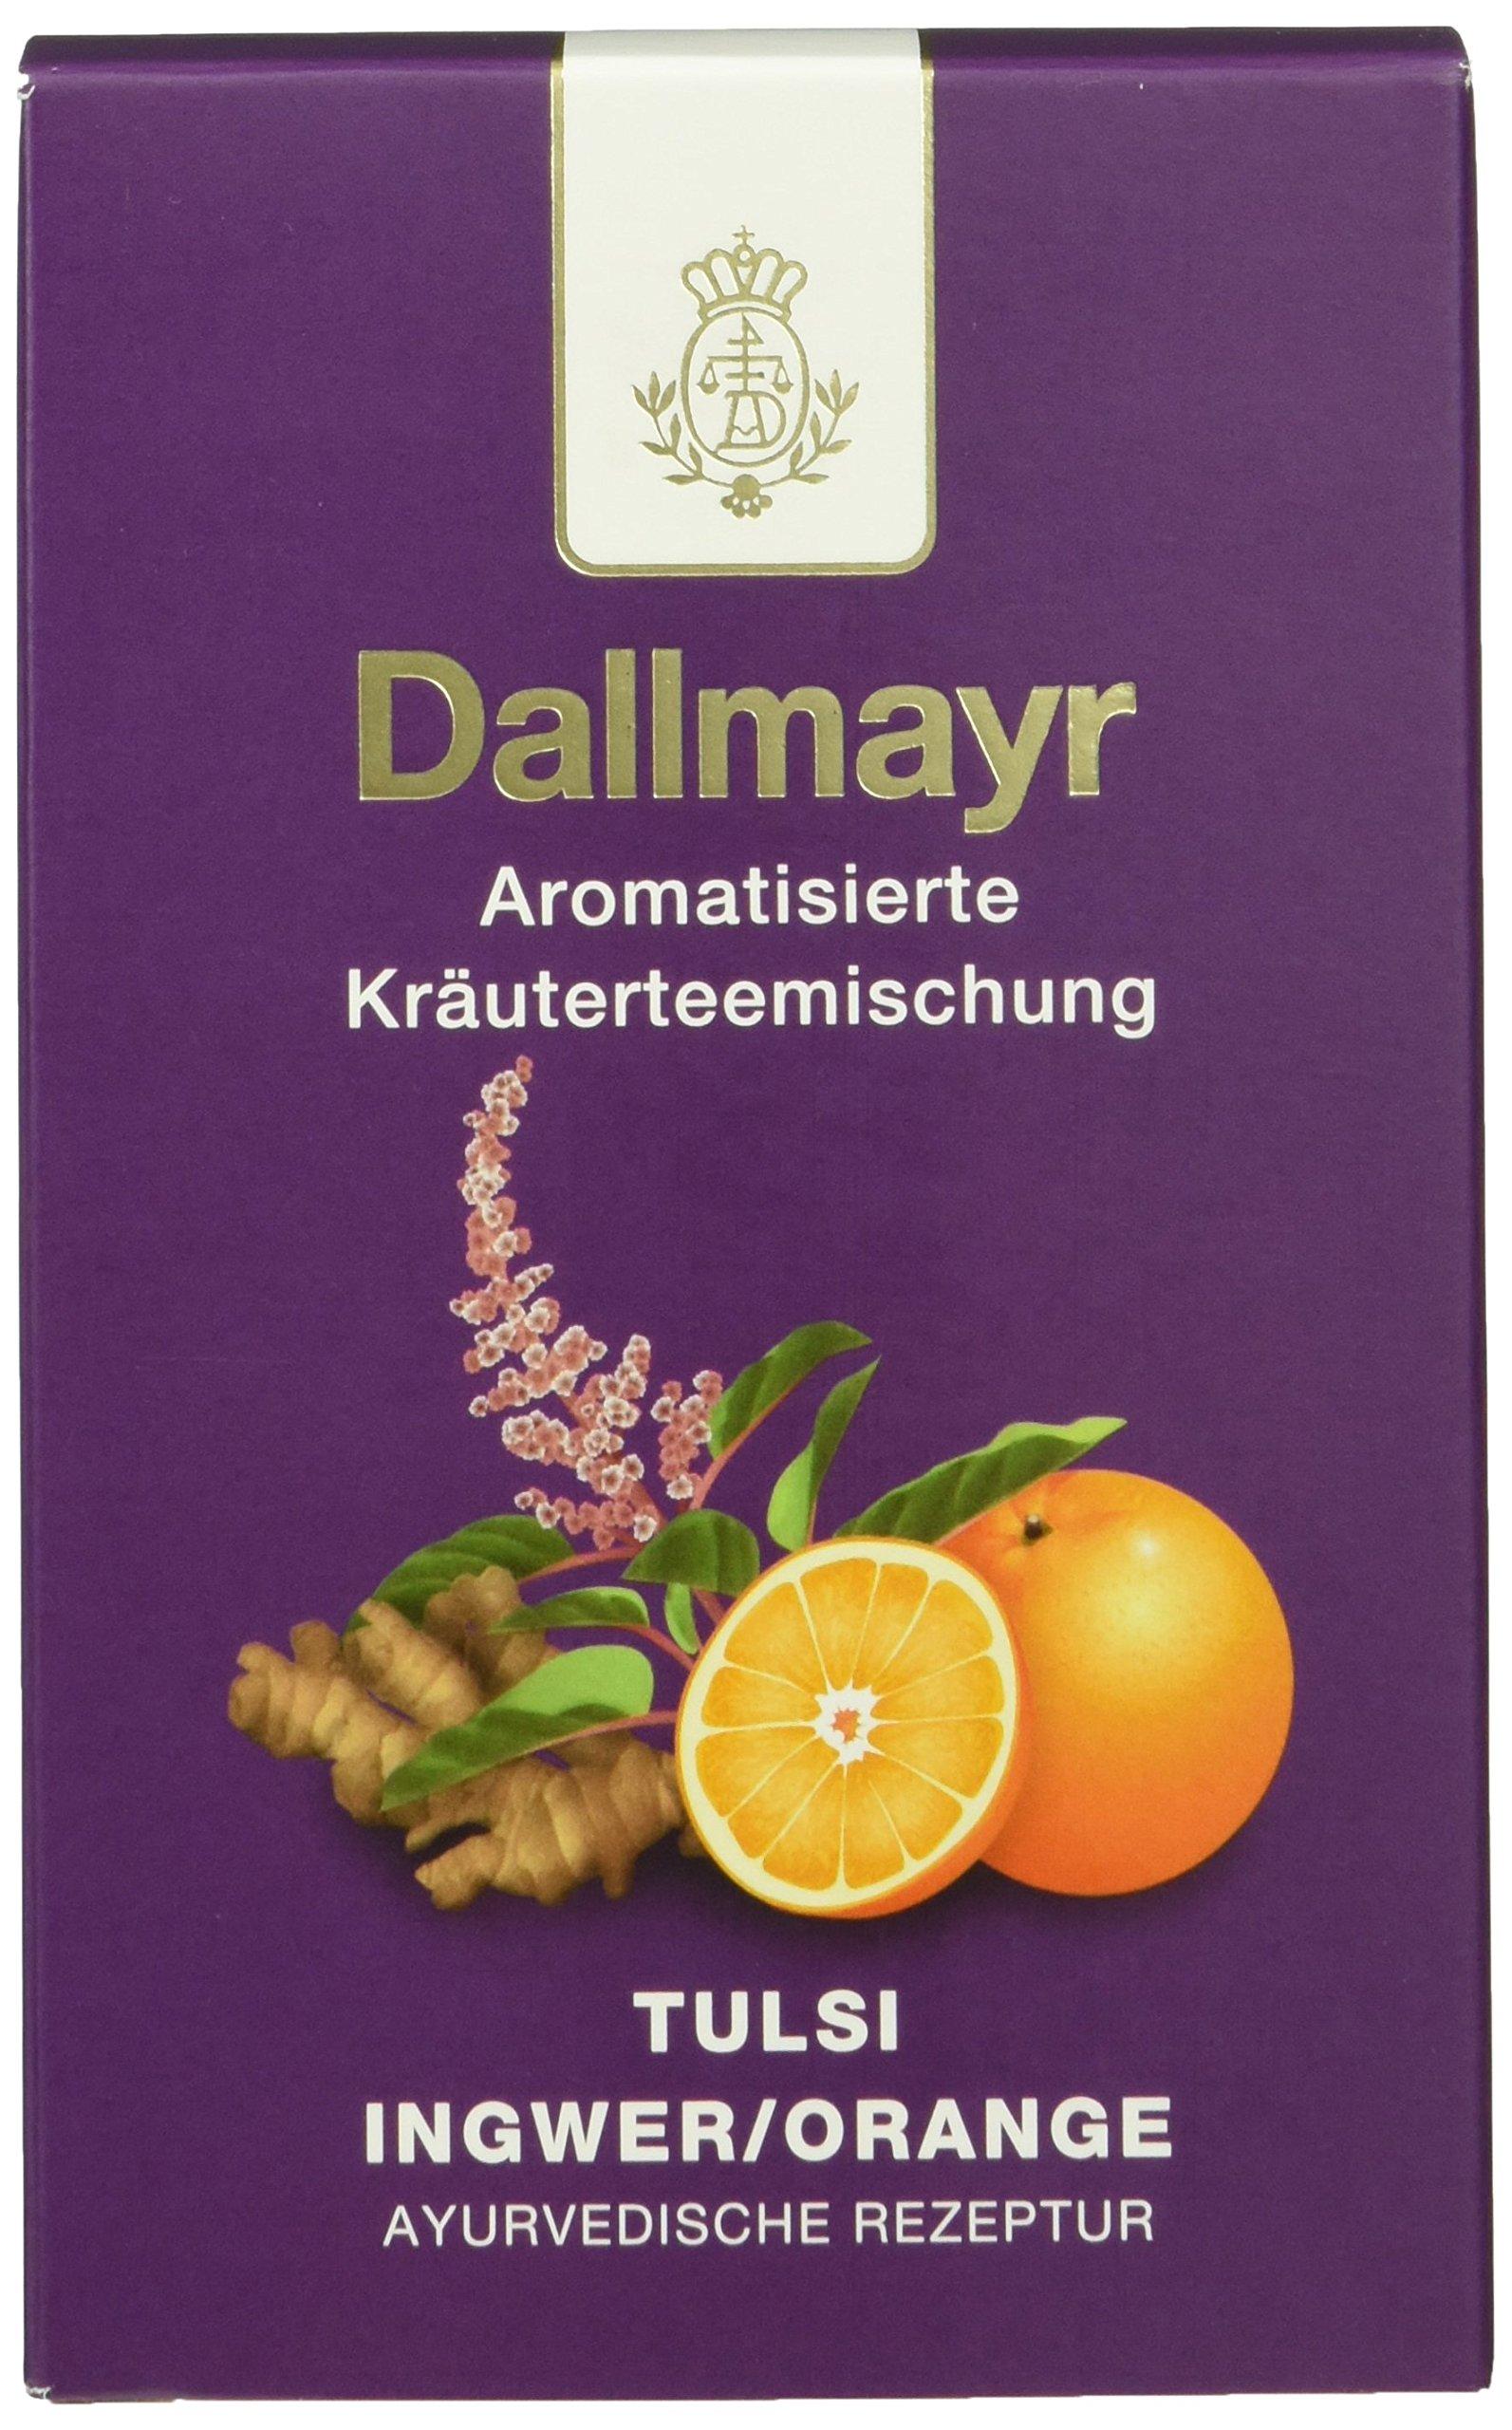 Dallmayr-Ayurvedischer-Tee-Tulsi-IngwerOrange-1-x-100-g-parent